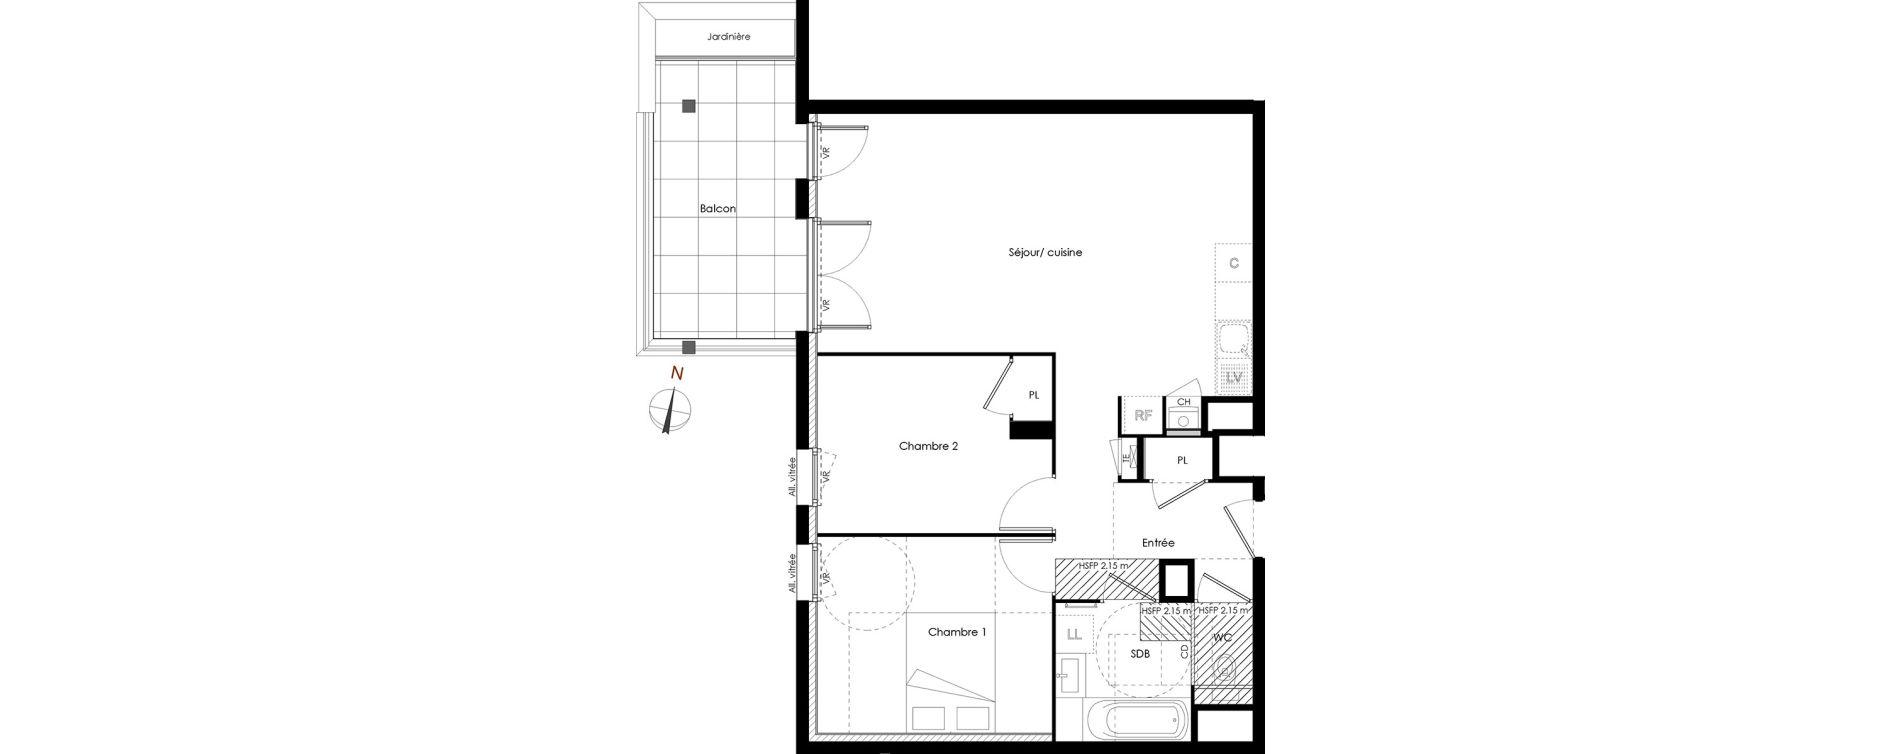 Appartement T3 de 64,11 m2 à Rumilly Centre